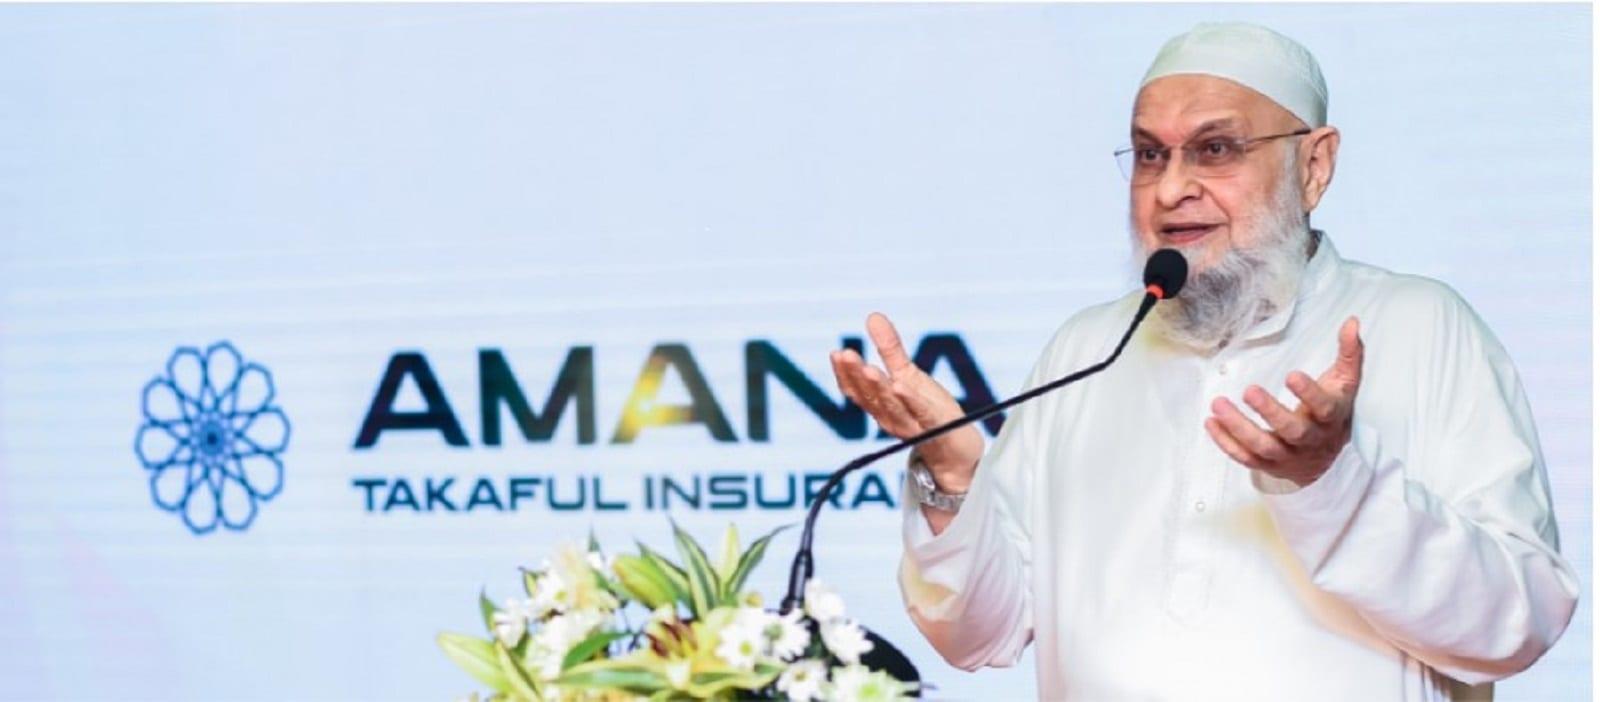 Amana Takaful rebrand Feb 2021